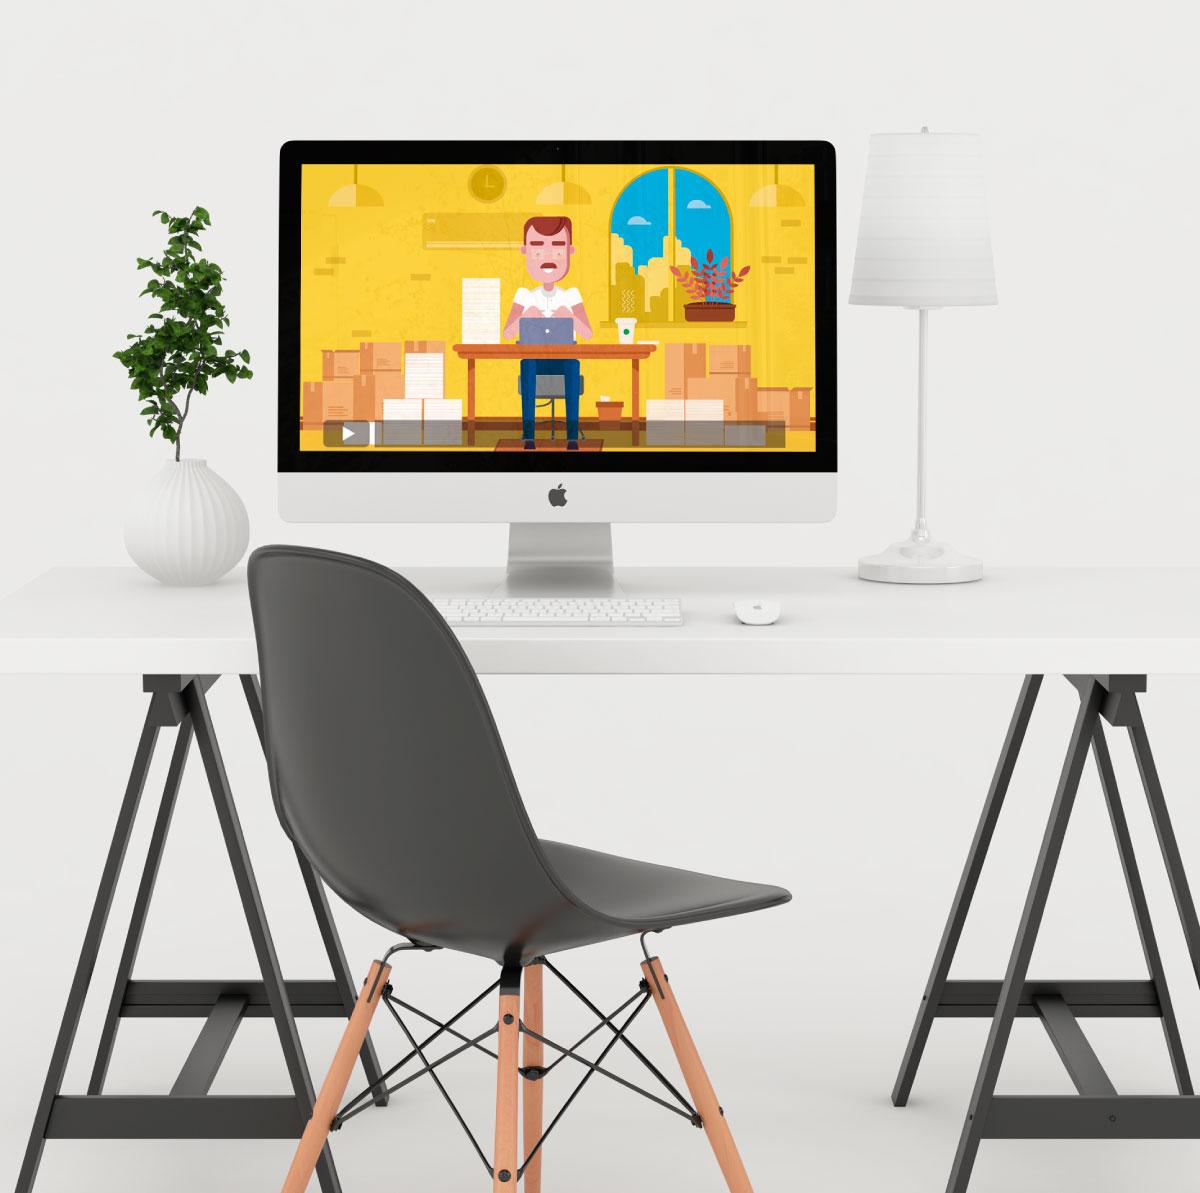 portafolio-agencia-digital-diseno-ilustracion-digital-y-editorial-mensajeros-urbanos